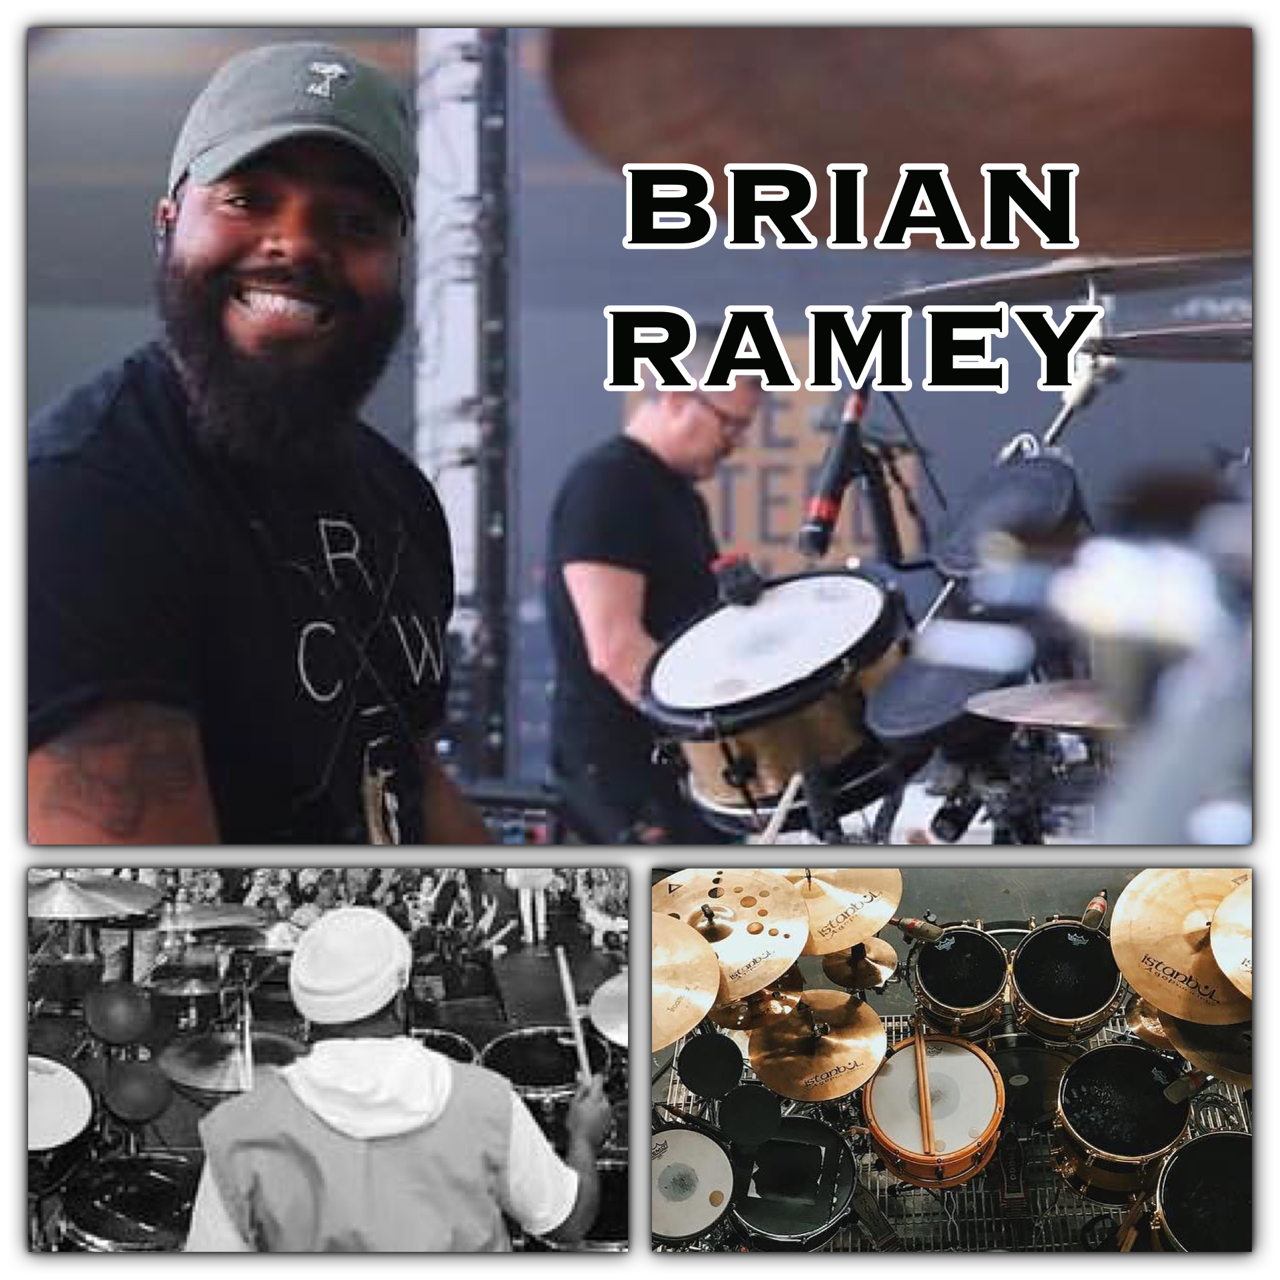 BRIAN RAMEY